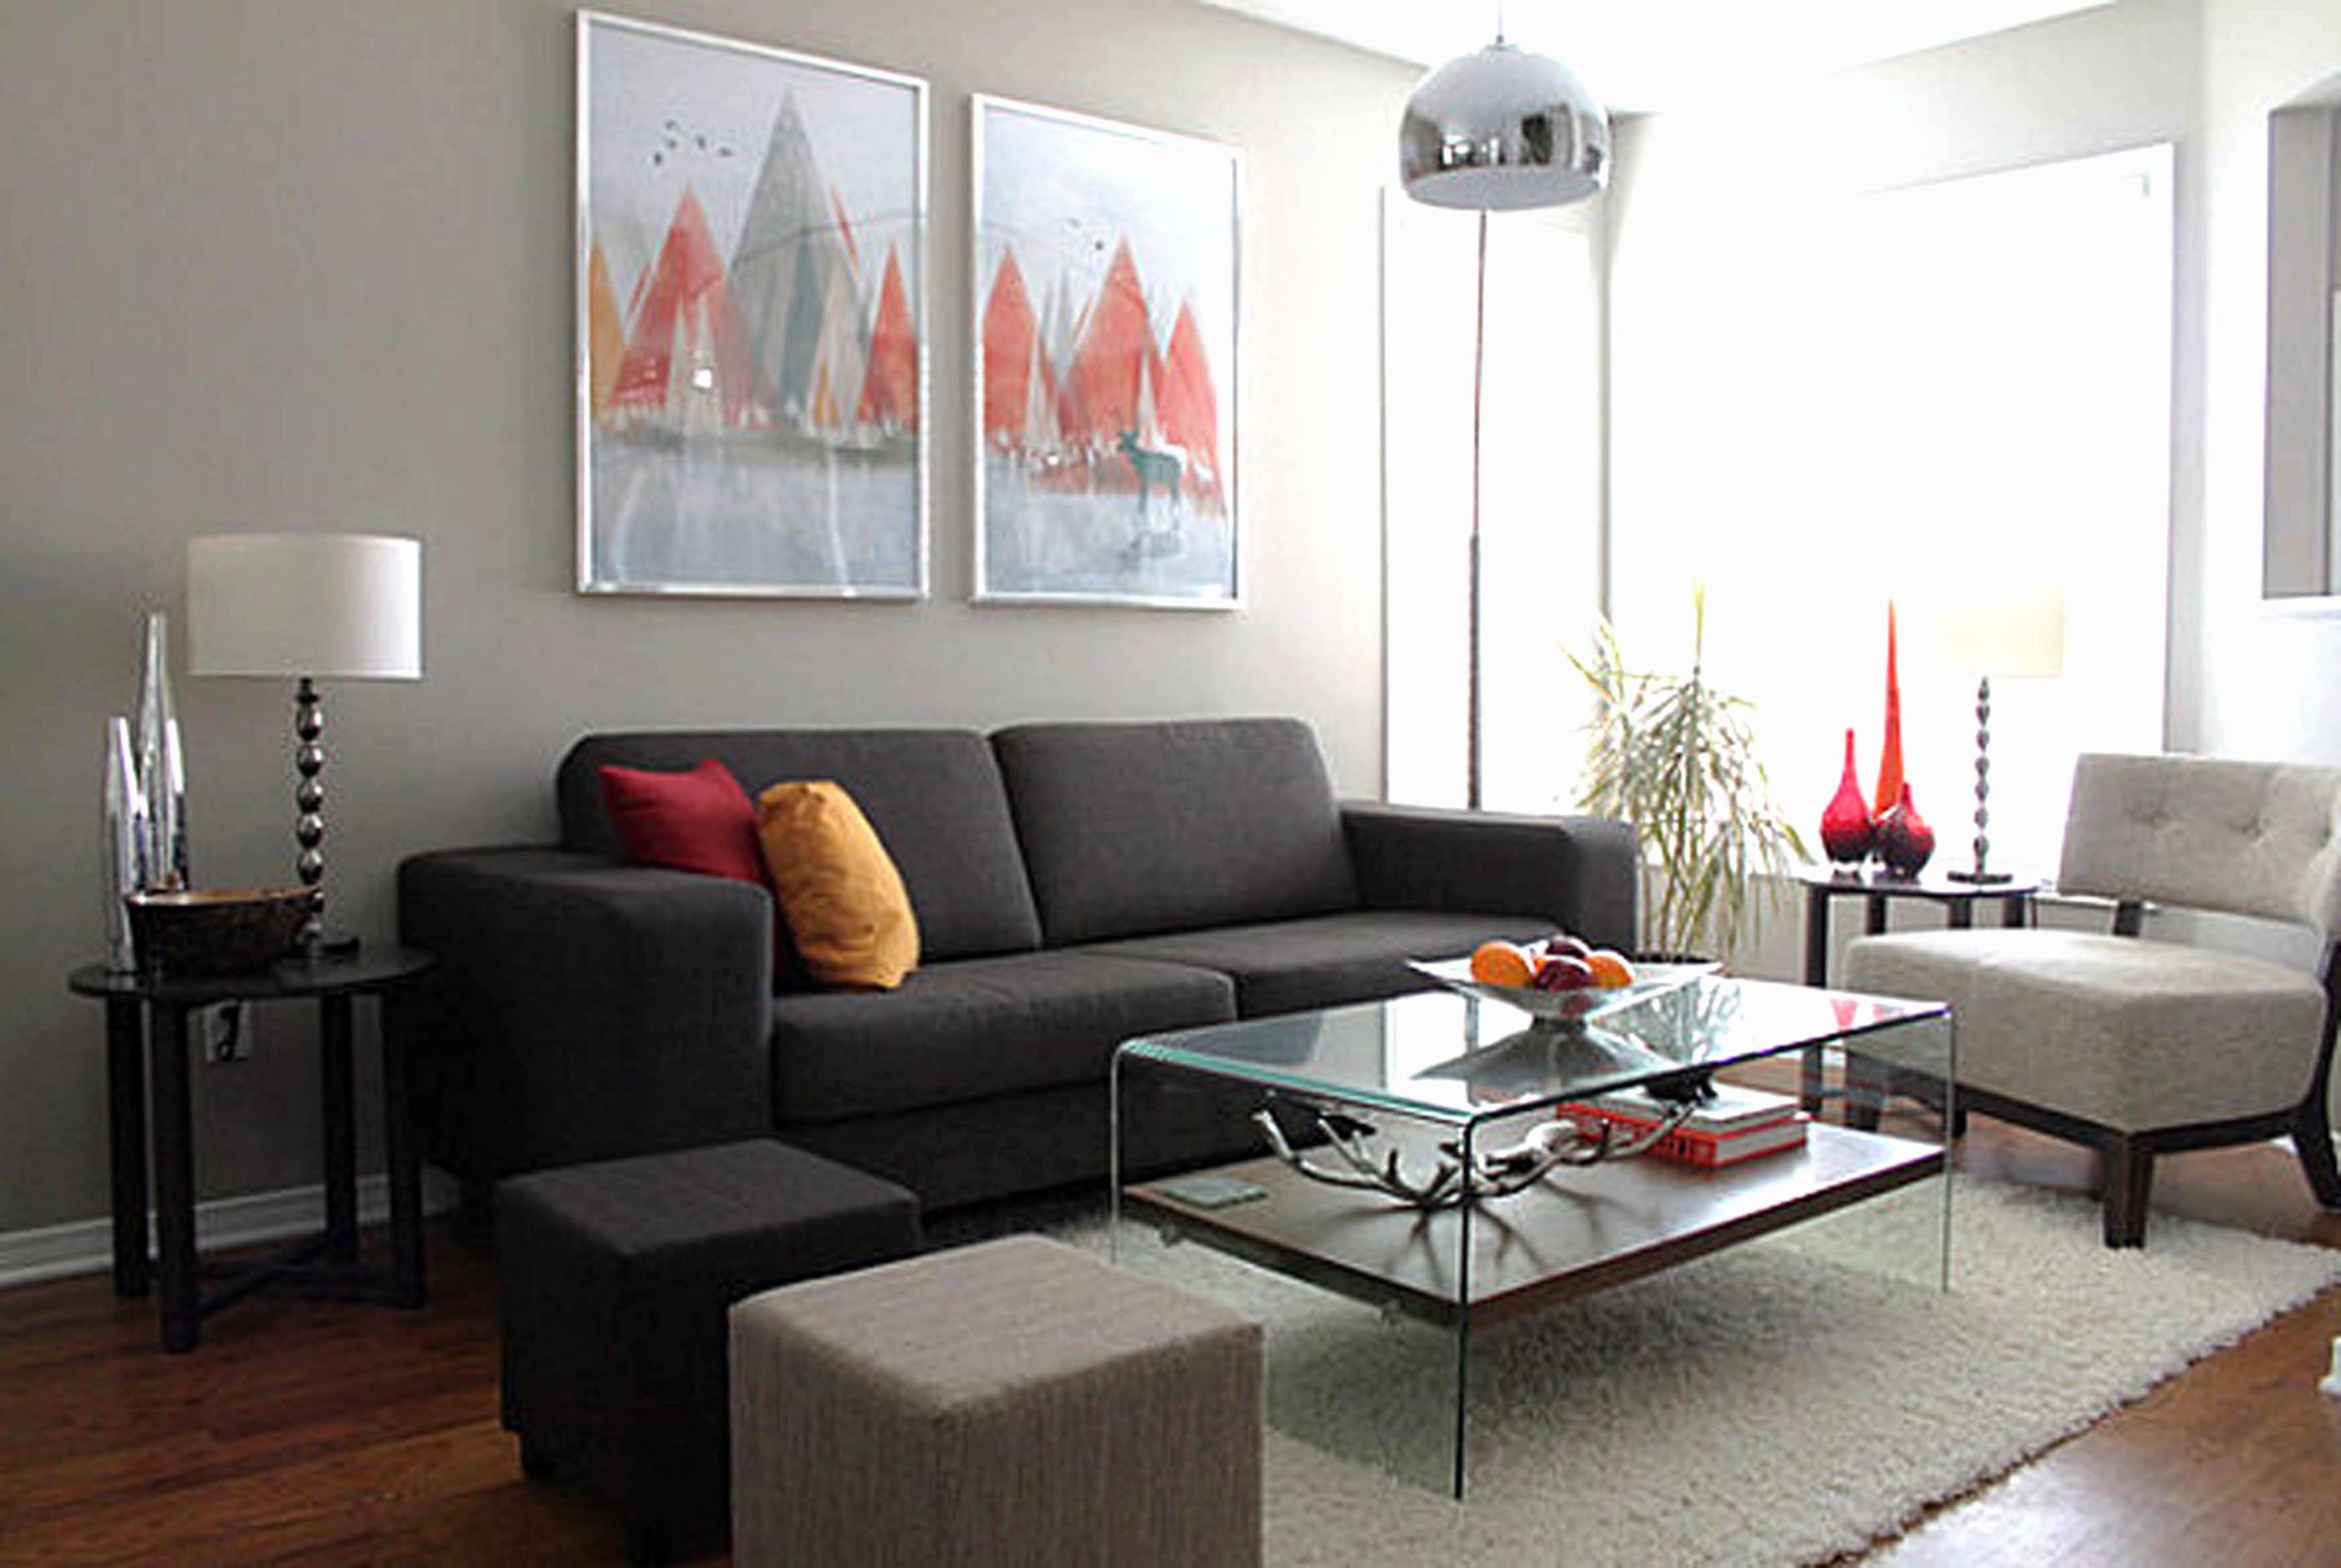 Schöne Bilder Fürs Wohnzimmer Inspirierend Schöne Wohnzimmer von Schöne Bilder Für Das Wohnzimmer Bild